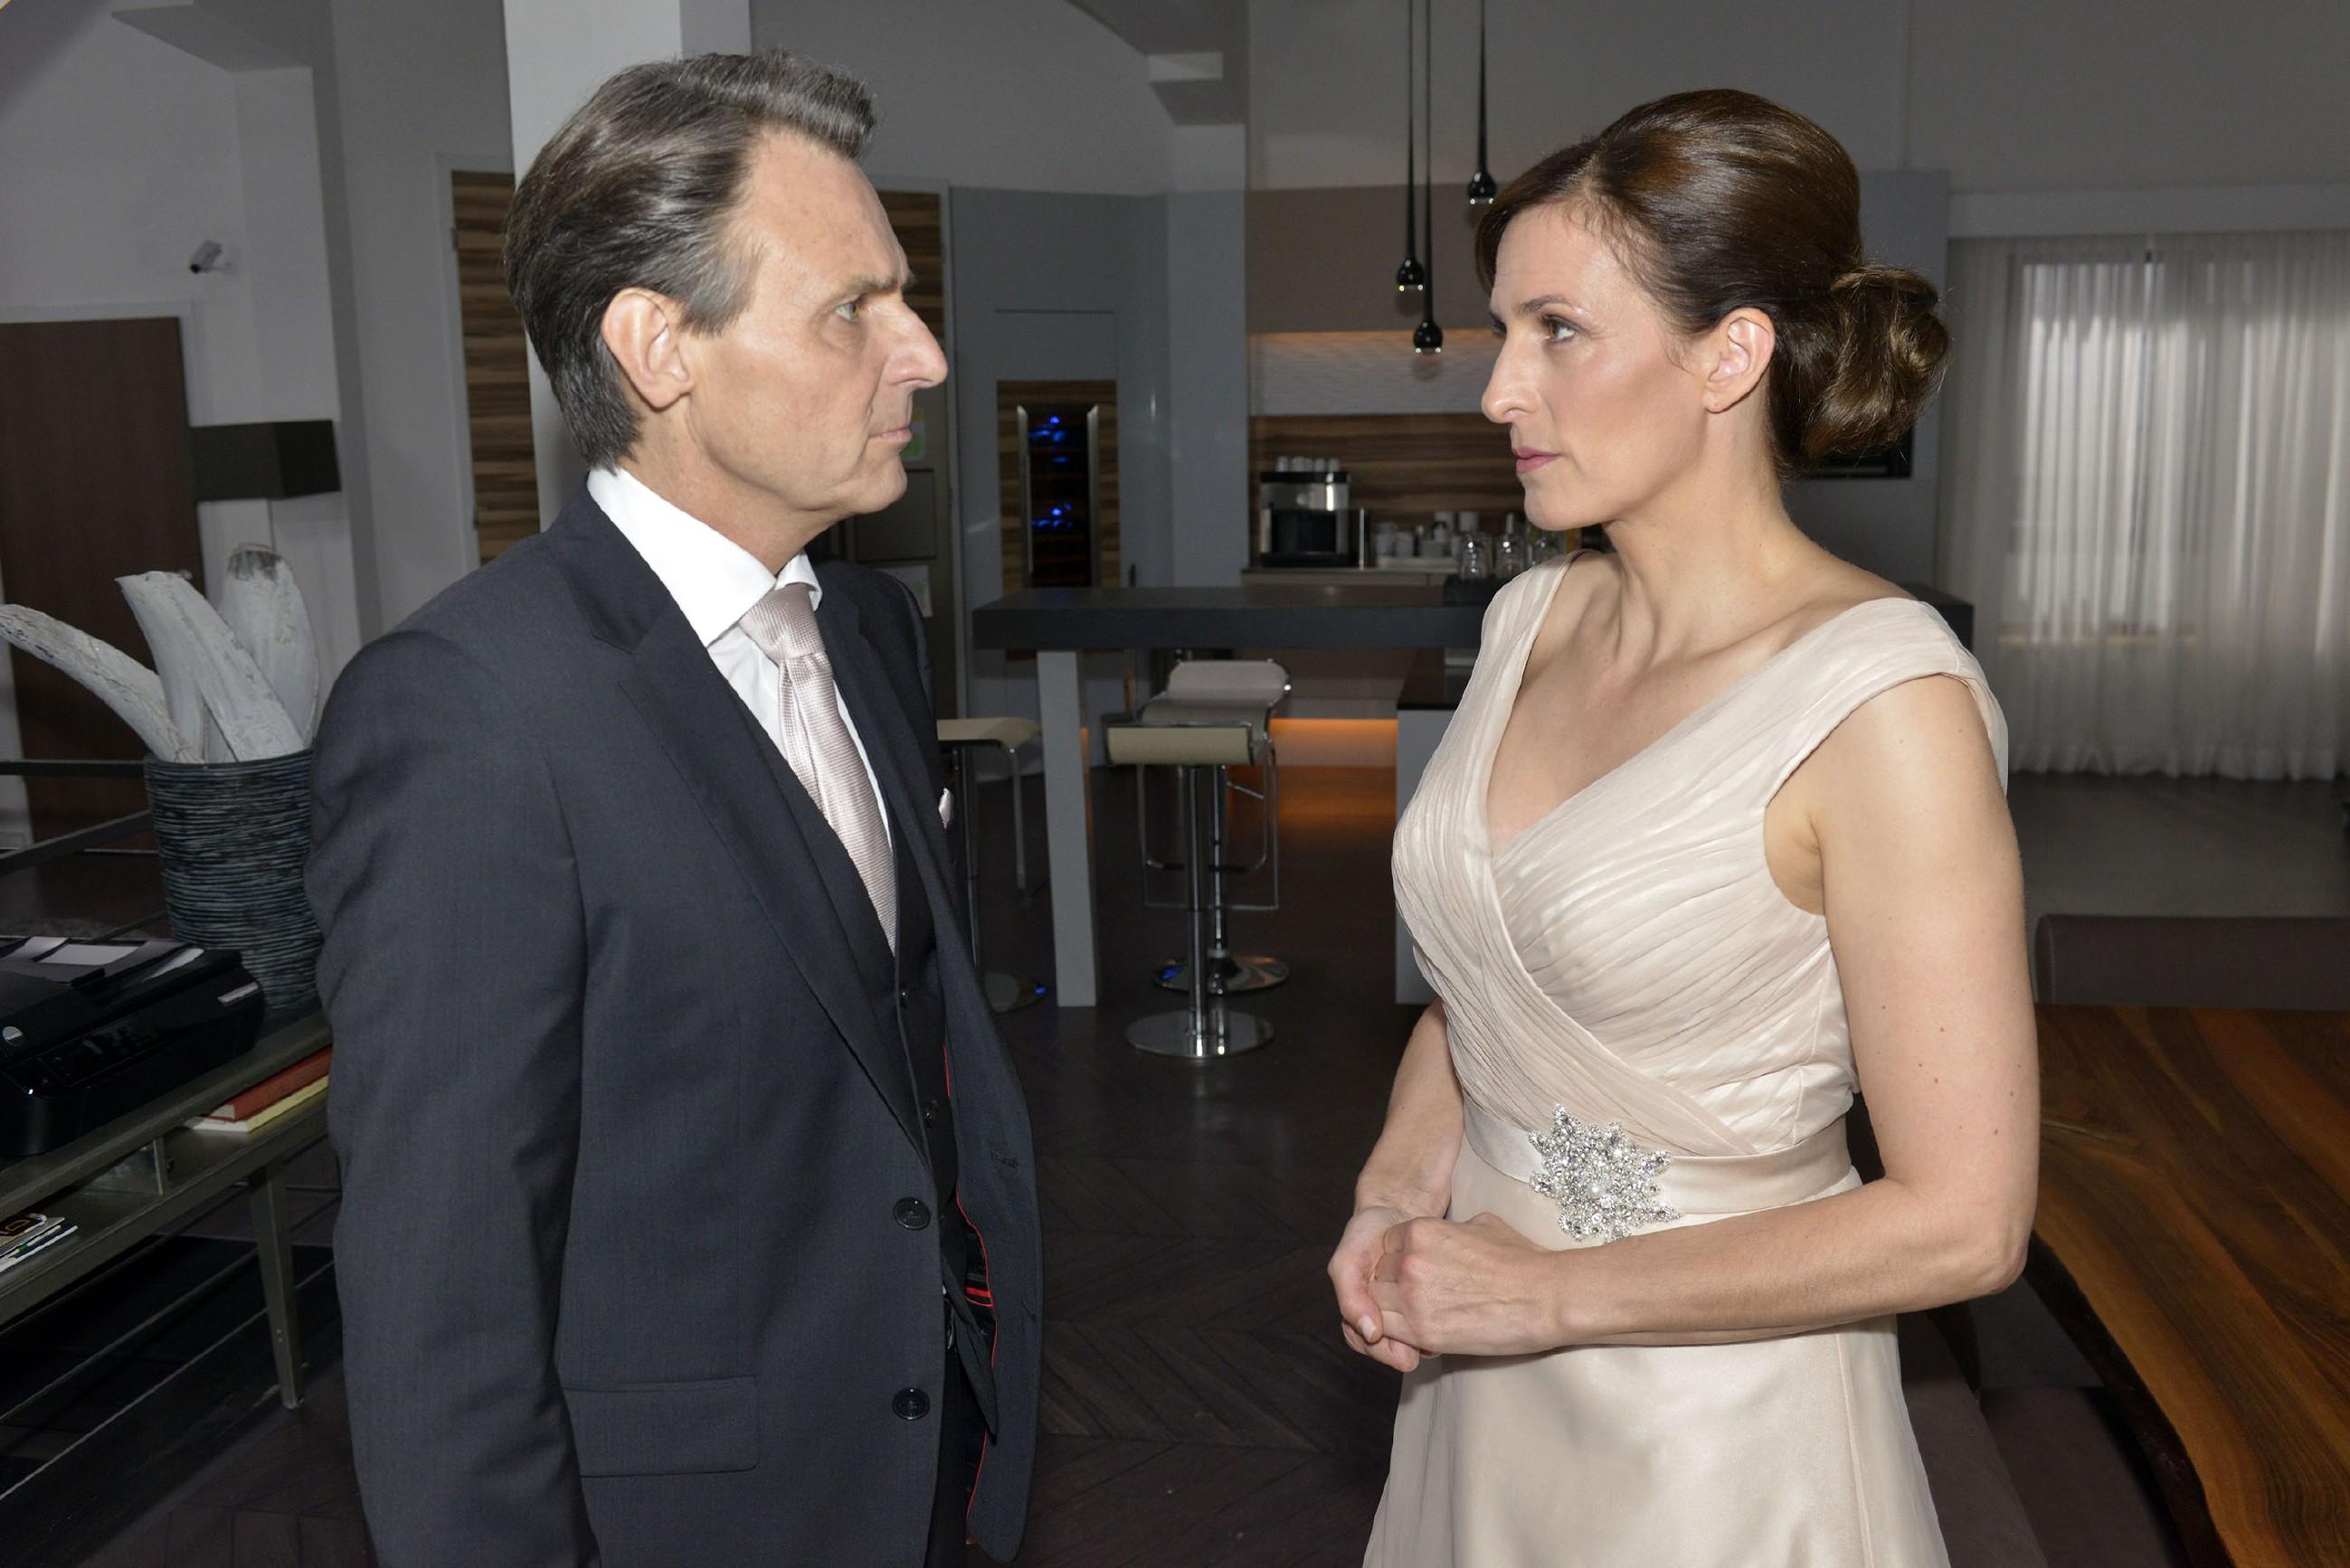 Nach der Feier bekommt Katrin (Ulrike Frank) Gerners (Wolfgang Bahro) tiefe Enttäuschung zu spüren, als er sie auffordert, die Wohnung umgehend zu verlassen. (Quelle: RTL / Rolf Baumgartner)